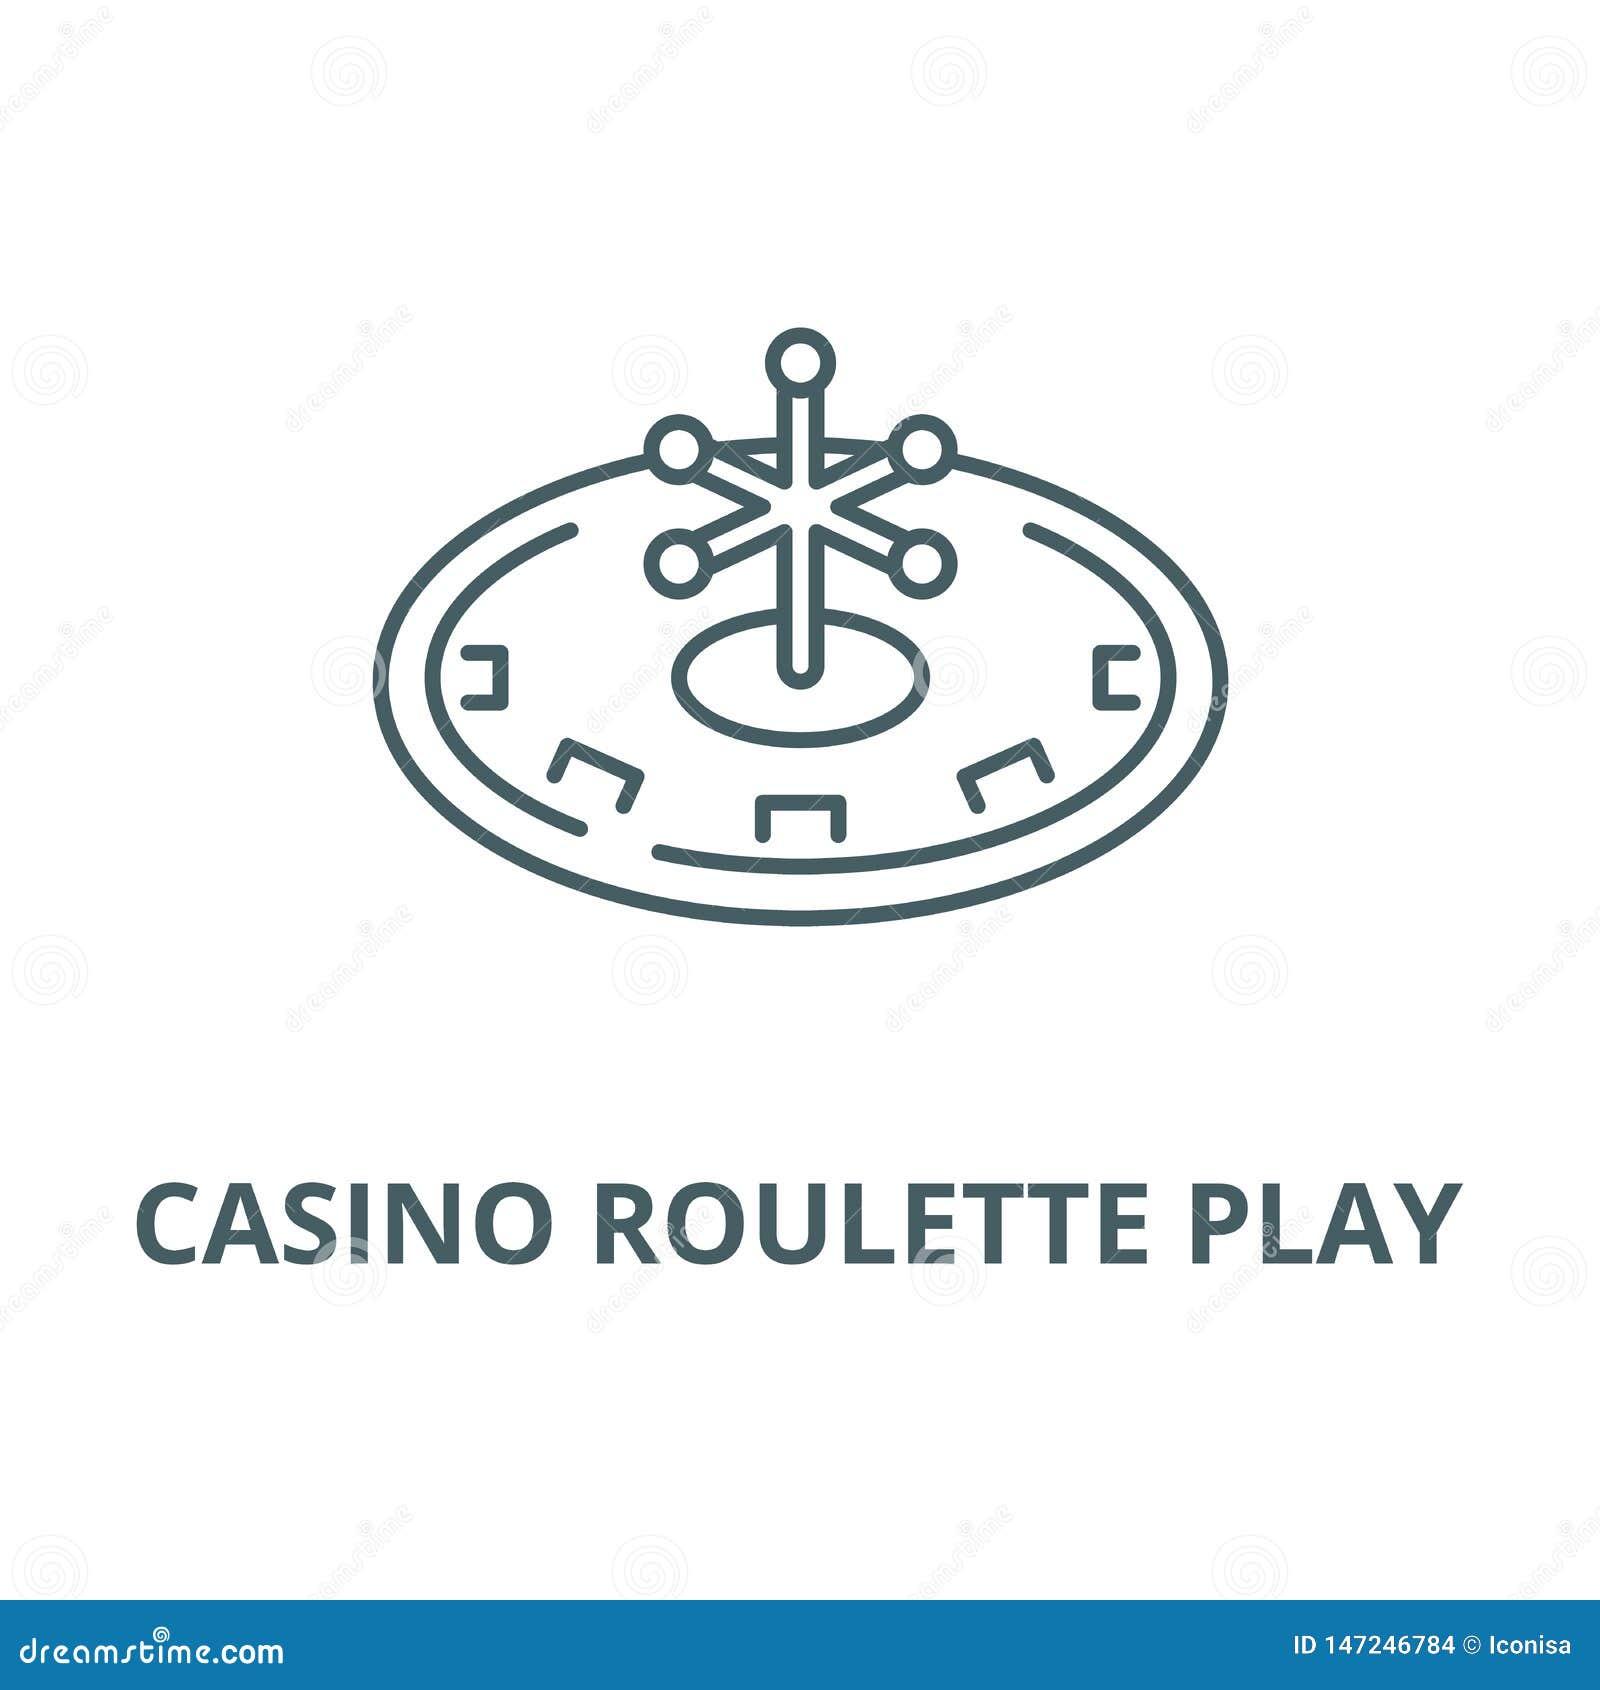 赌博娱乐场轮盘赌戏剧传染媒介线象,线性概念,概述标志,标志